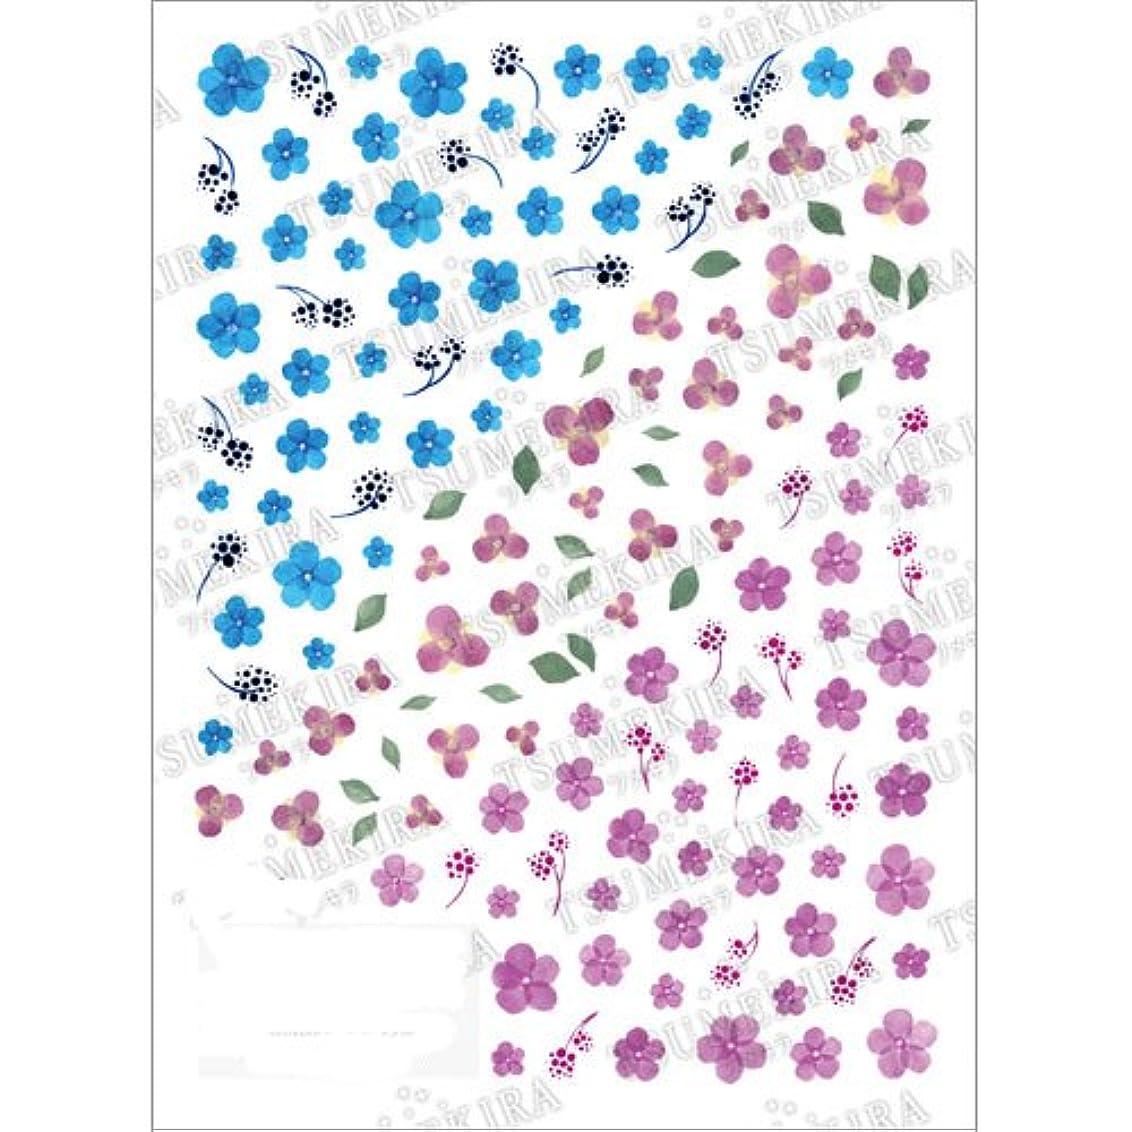 愛人再撮り厳しいツメキラ ネイル用シール 工藤恭子プロデュース3 水彩フラワー NN-PRD-703